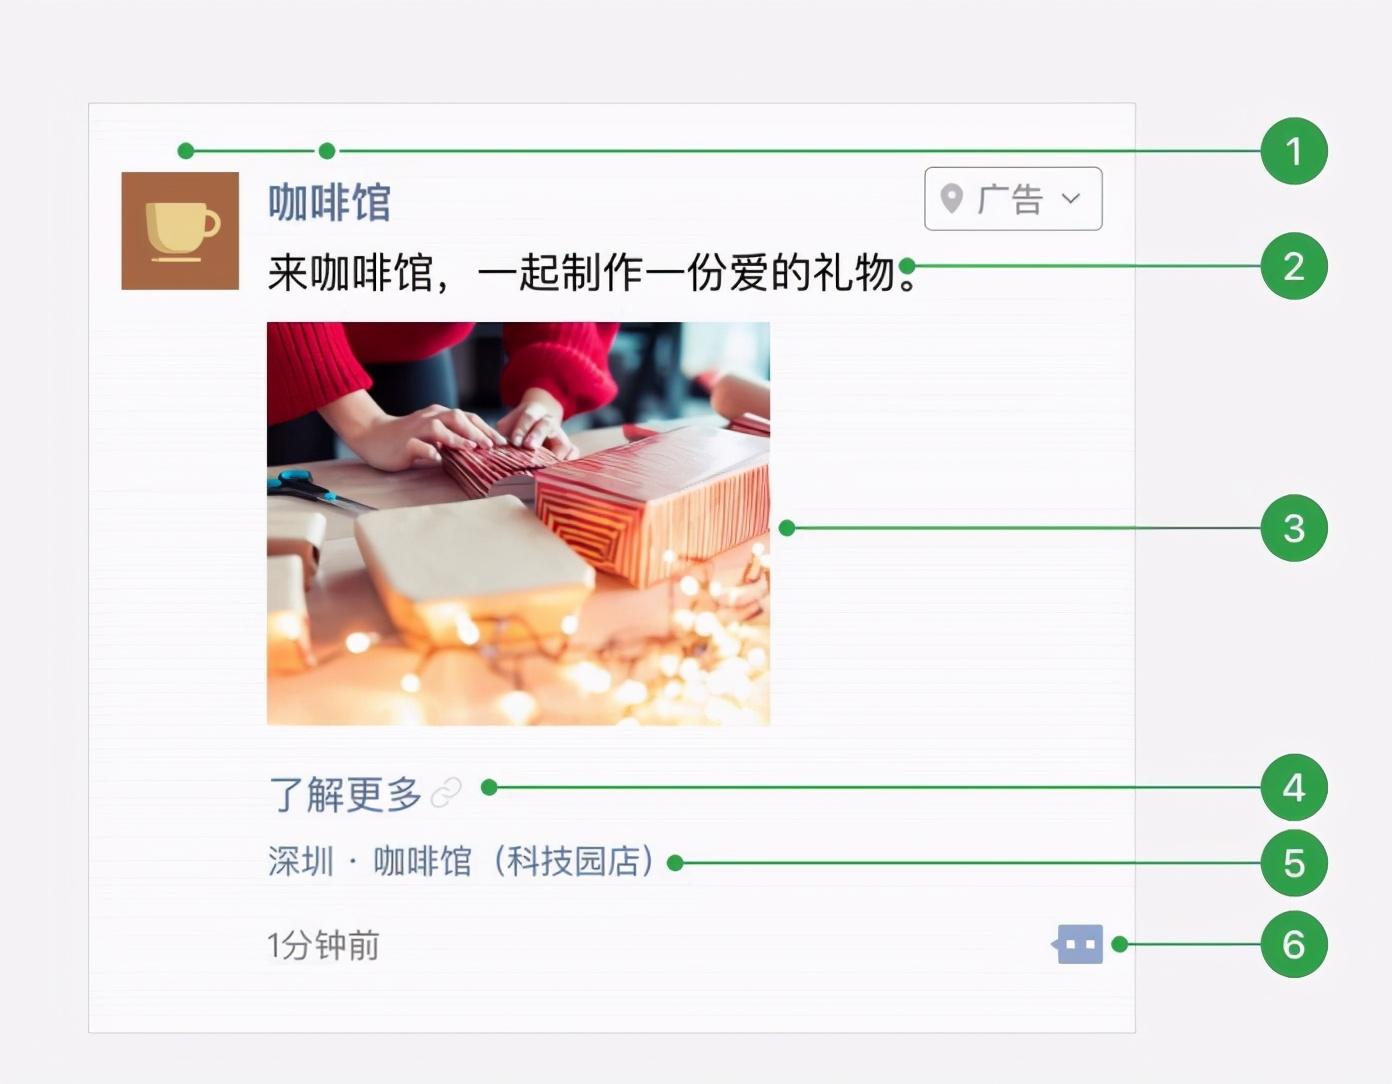 微信朋友圈广告推广怎么收费?有哪些收费形式?